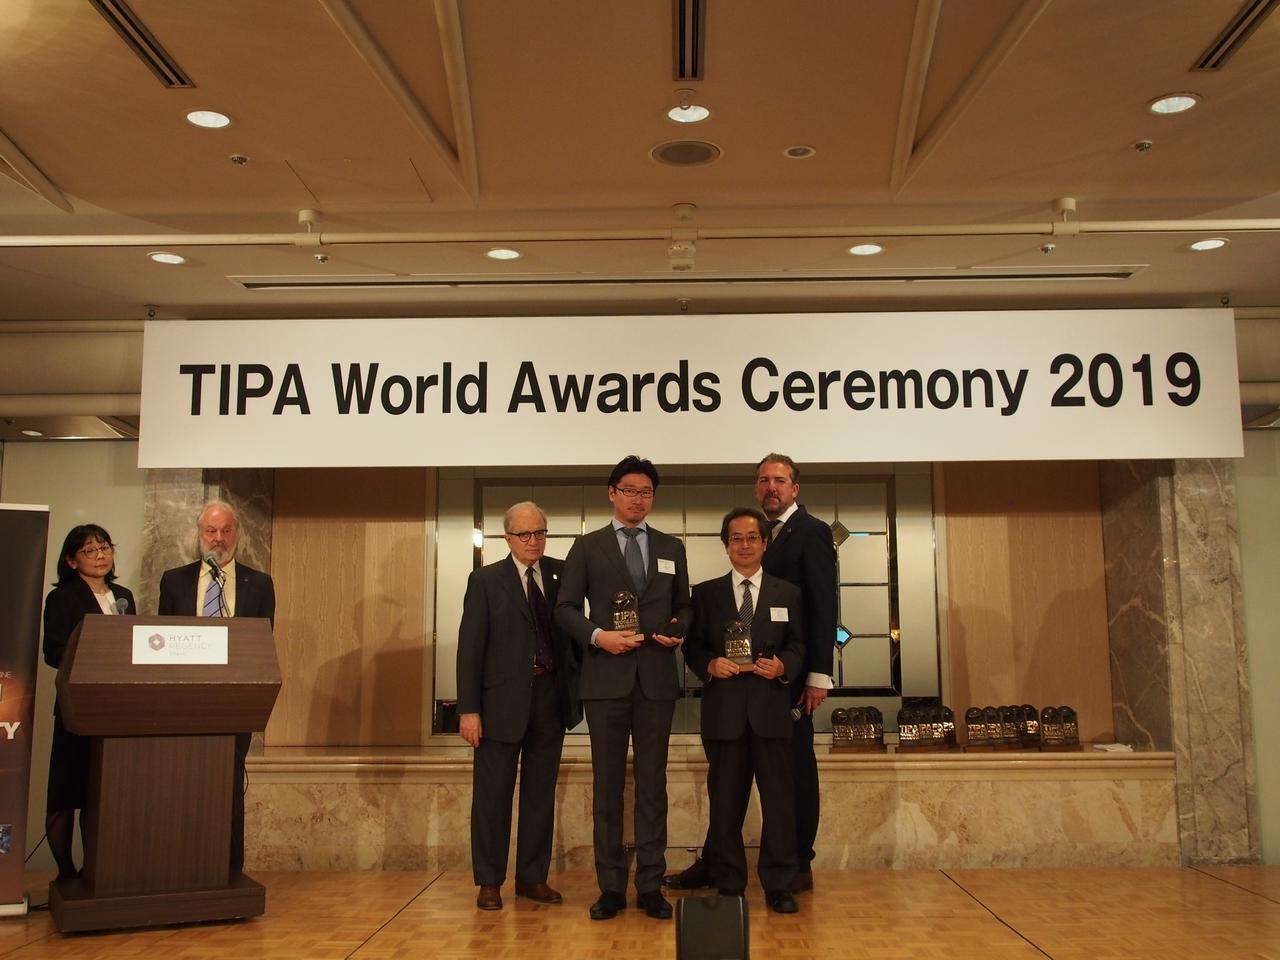 画像: GR ⅢとTHETA Z1でダブル受賞したリコーさんです。一番右がTIPAの代表を務めるトーマスさん。